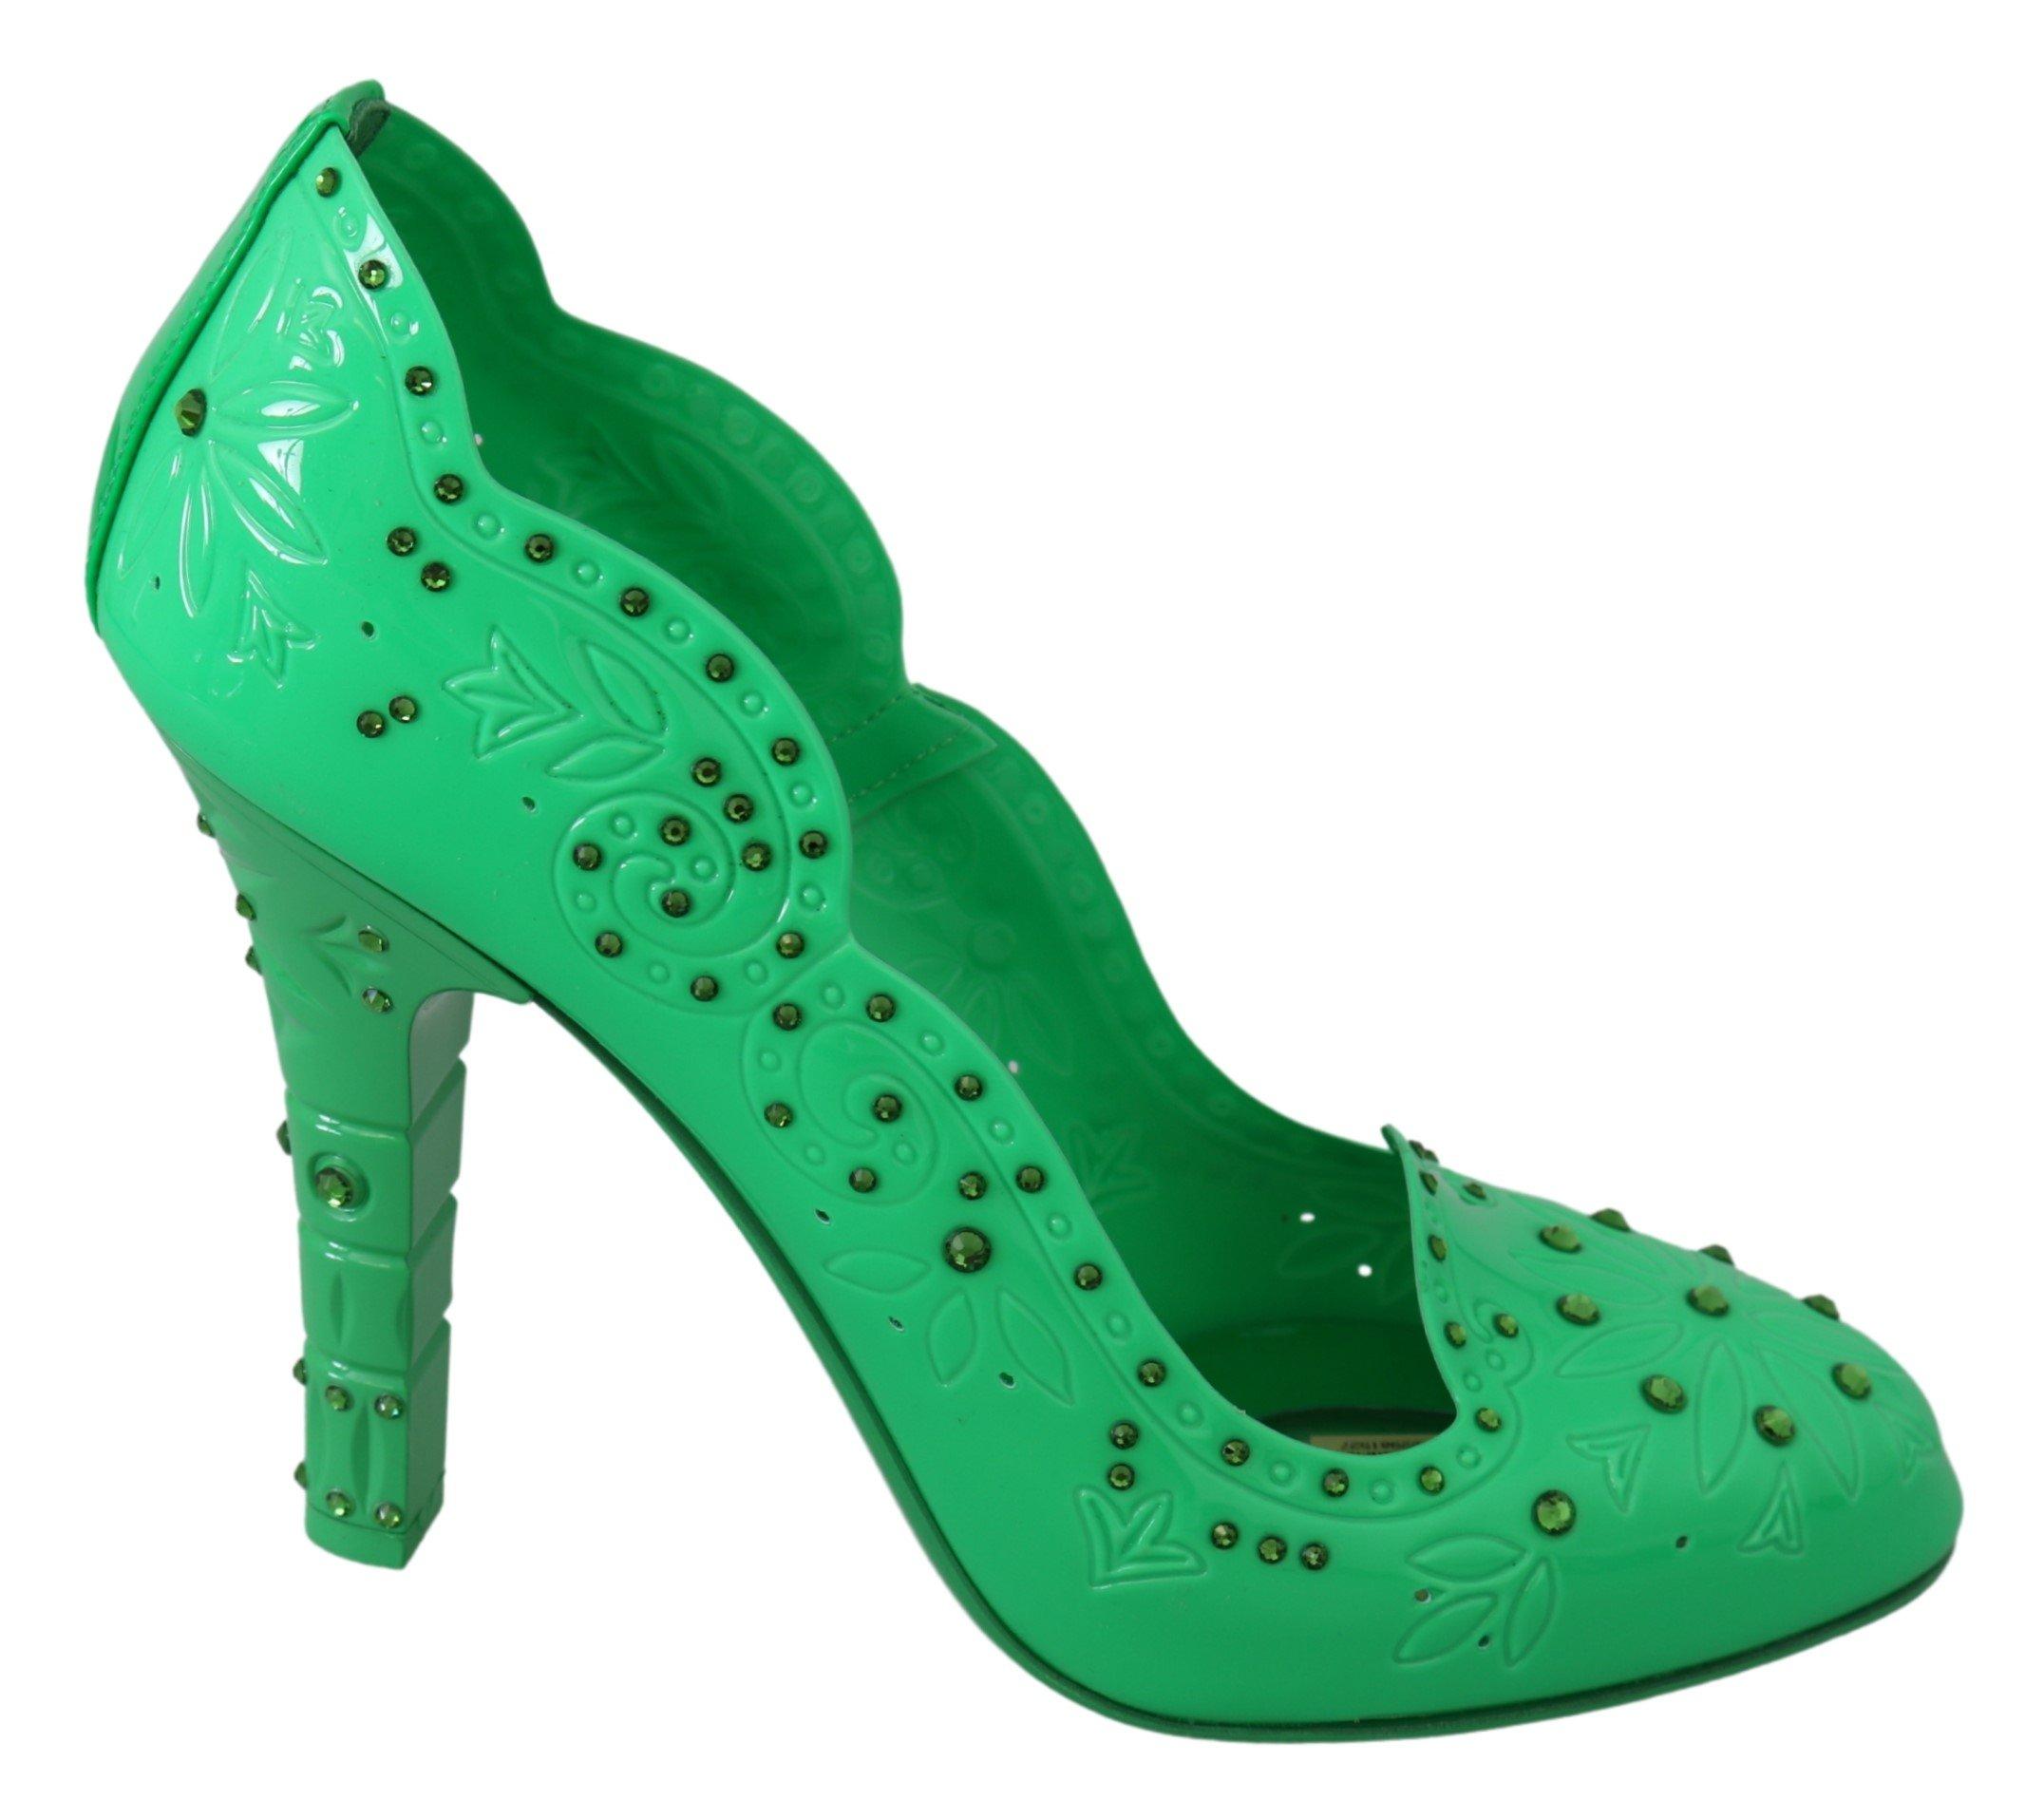 Dolce & Gabbana Women's Crystal Floral CINDERELLA Pumps Green LA7276 - EU39/US8.5